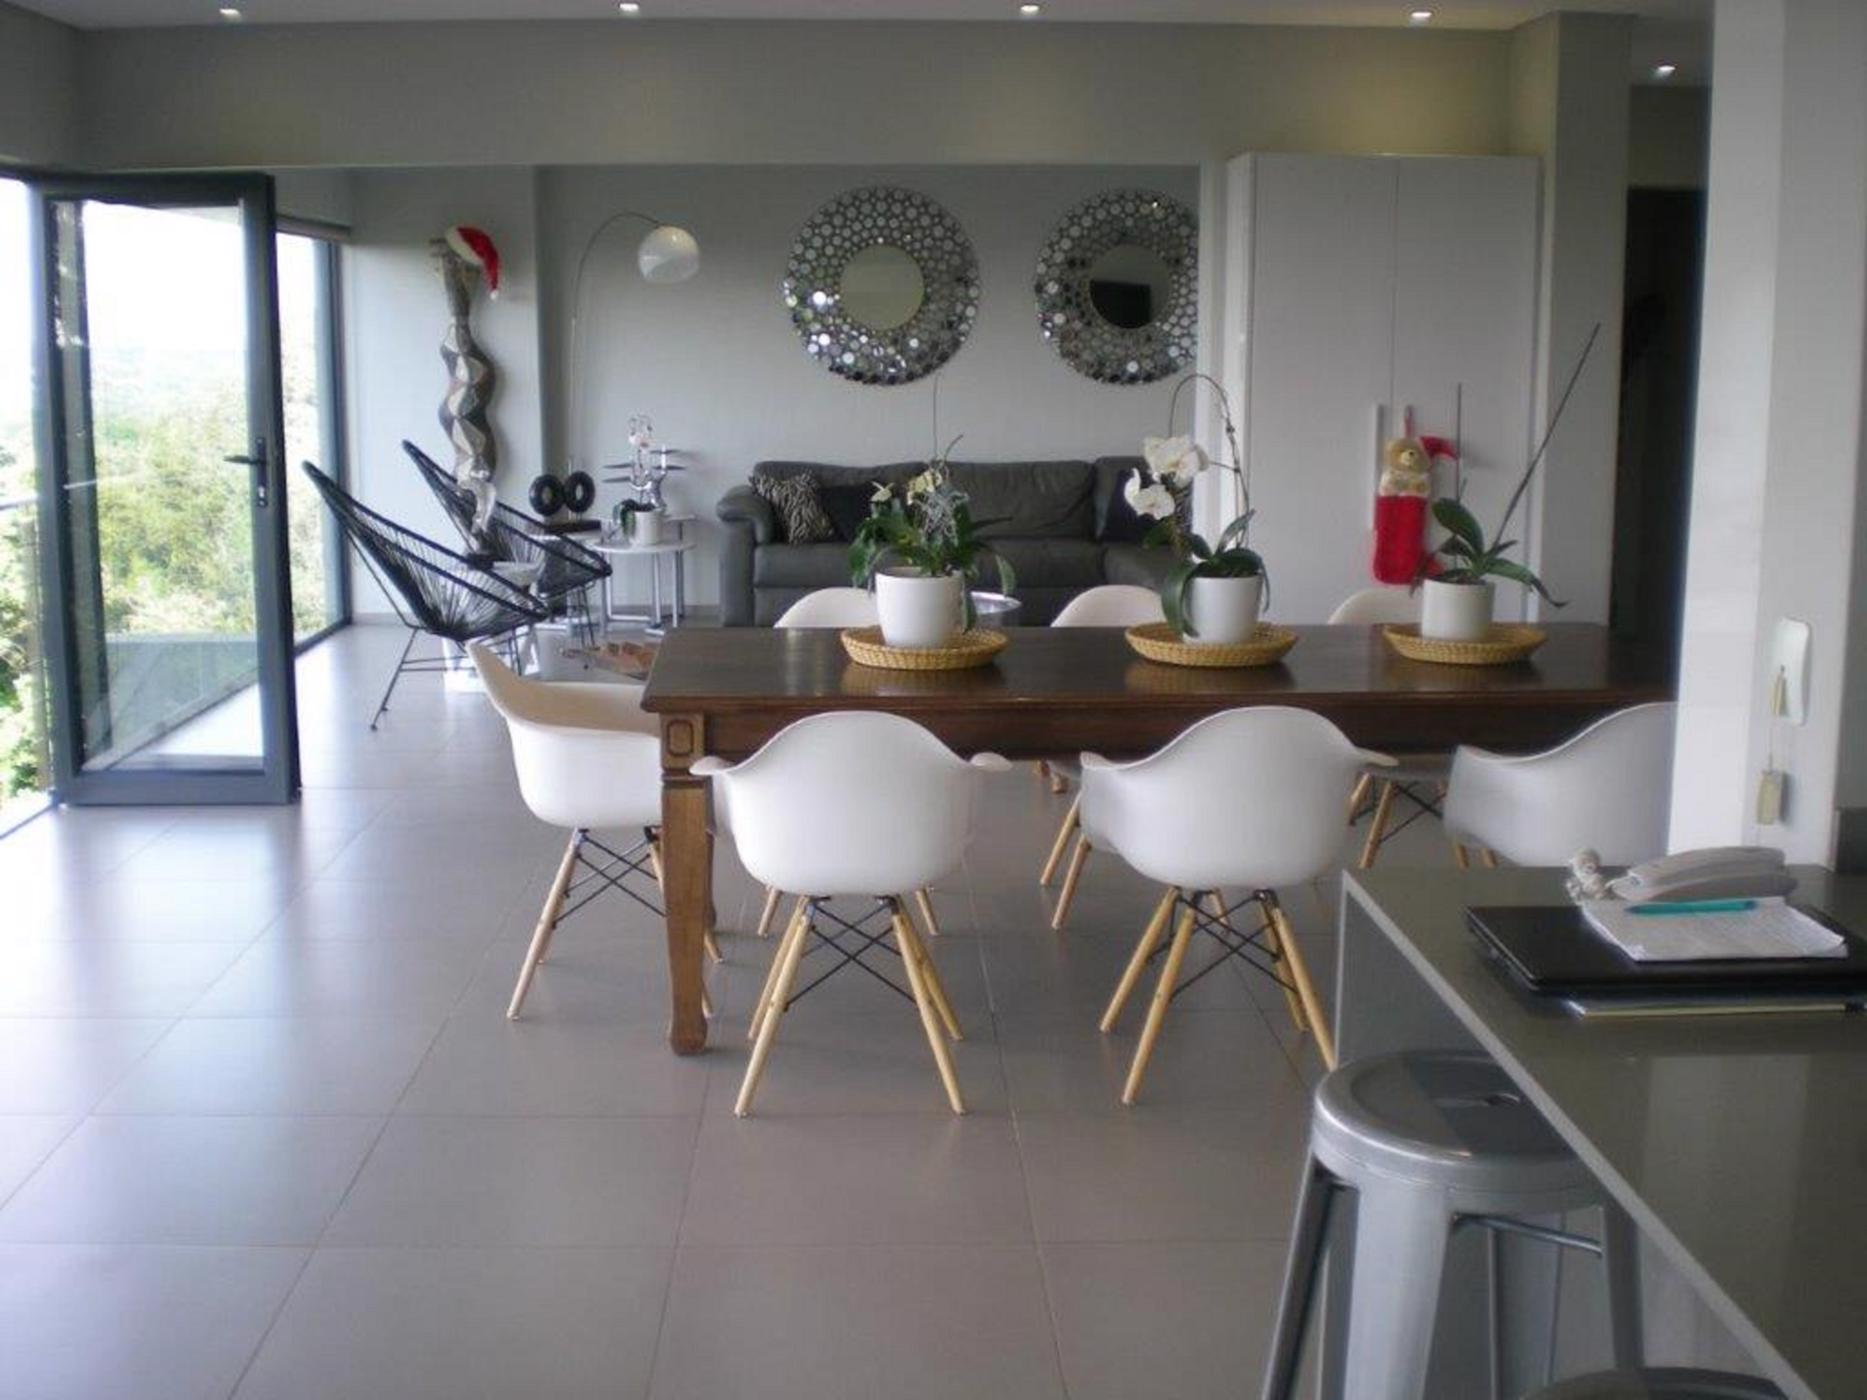 Kensington Bedfordview Area 3 Bedroom Houses To Rent